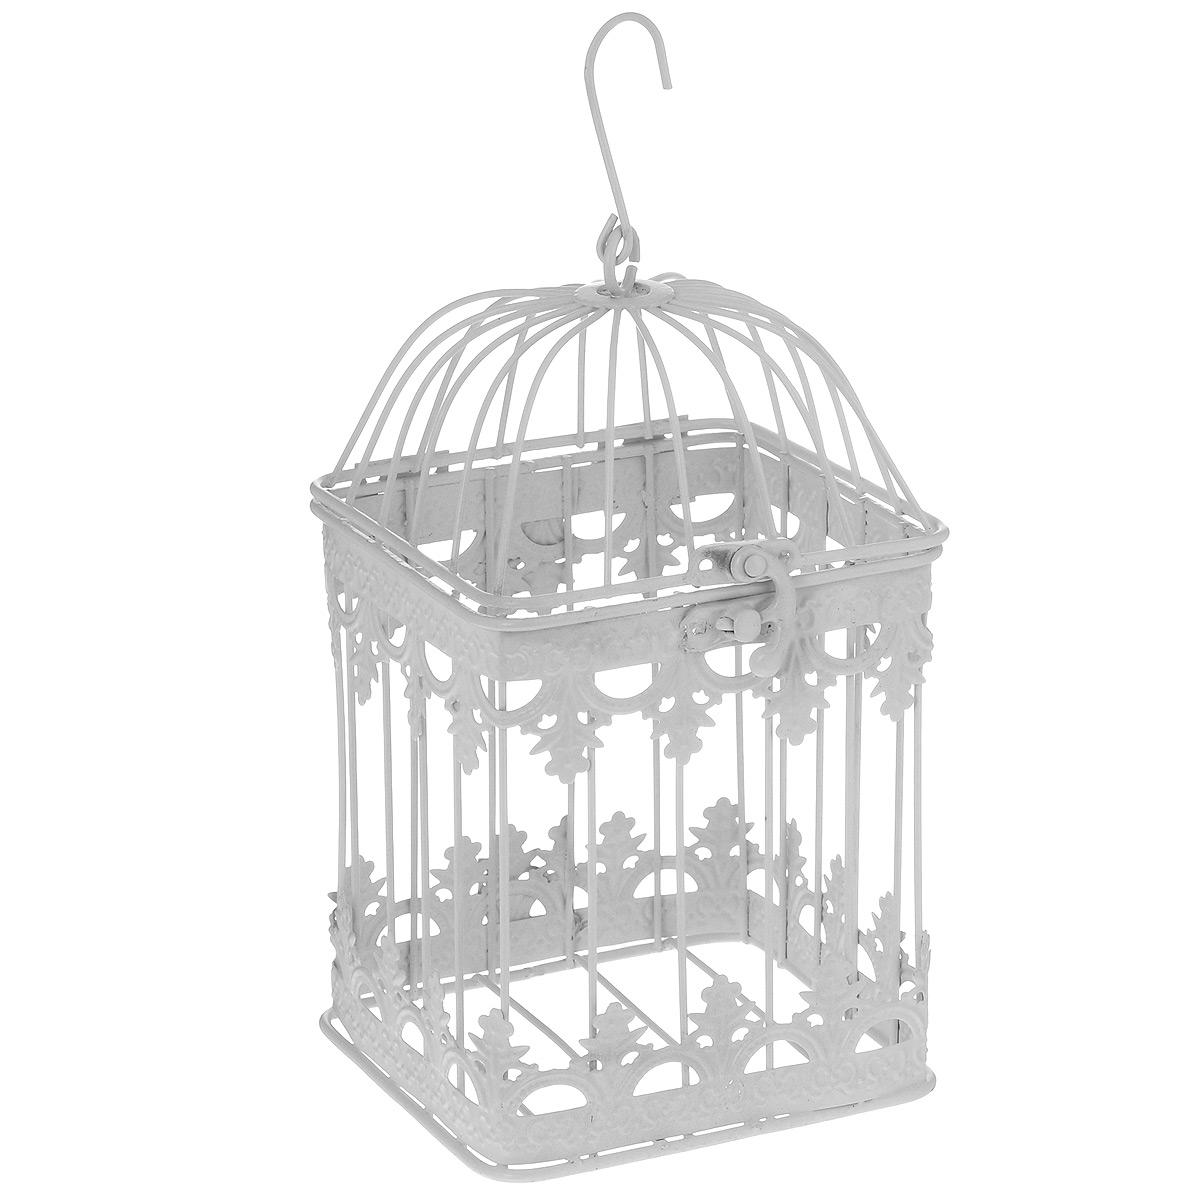 Клетка декоративная Ажурная, цвет: белый, 12 х 21 см36817Декоративная клетка Ажурная выполнена из высококачественного металла. Изделие украшено изящными коваными узорами. Клетка оснащена крышкой, которая закрывается на специальный замок. На крышке имеется крючок, за который клетку можно повесить в любое удобное место. Такая клетка подойдет для декора интерьера дома или офиса. Кроме того - это отличный вариант подарка для ваших близких и друзей.Диаметр клетки: 12 см. Высота клетки: 21 см.